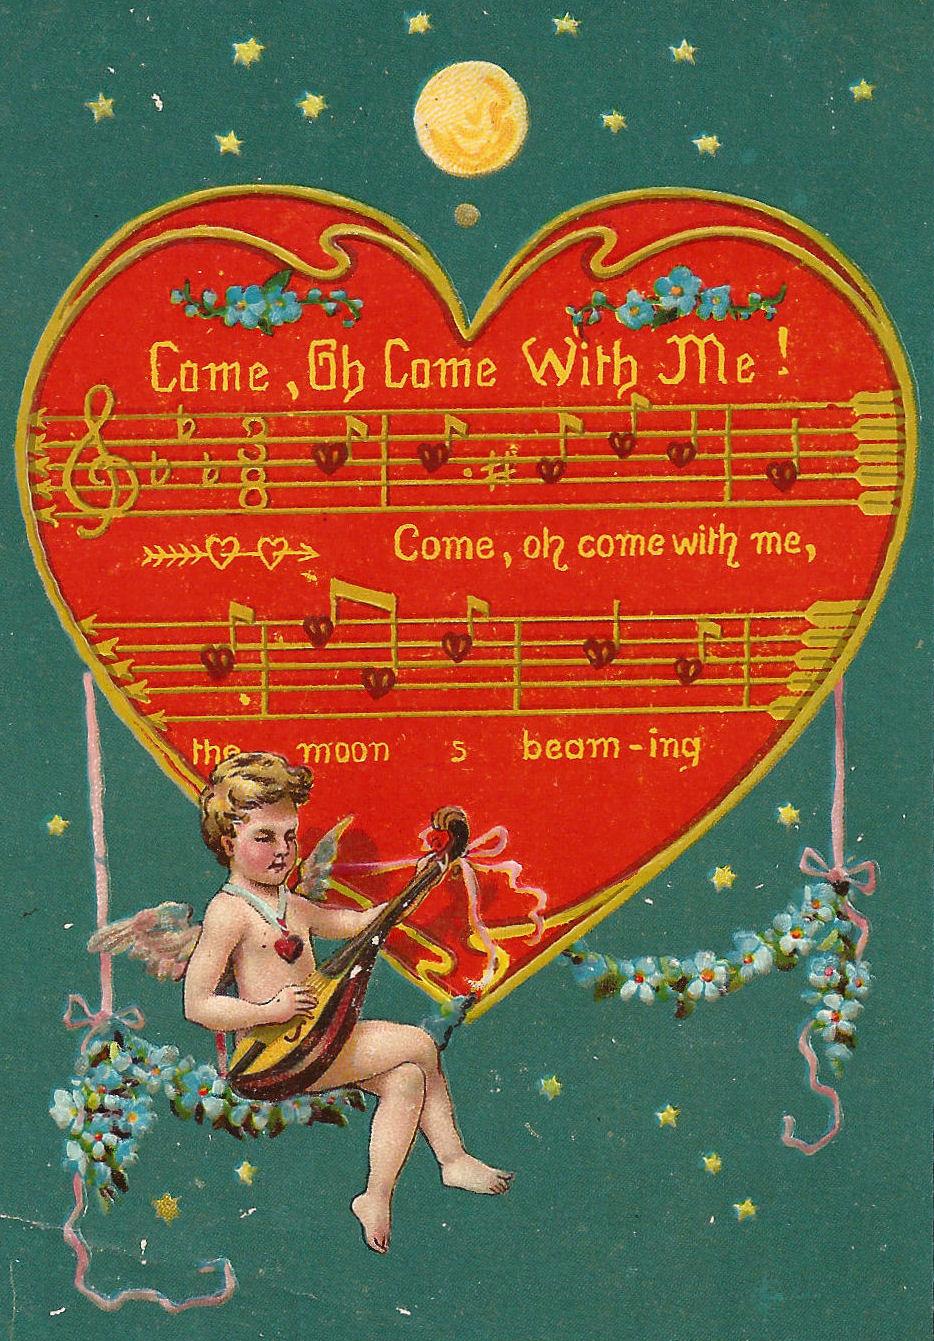 Antique Images: Free Valentine Graphic: Vintage Valentine ...